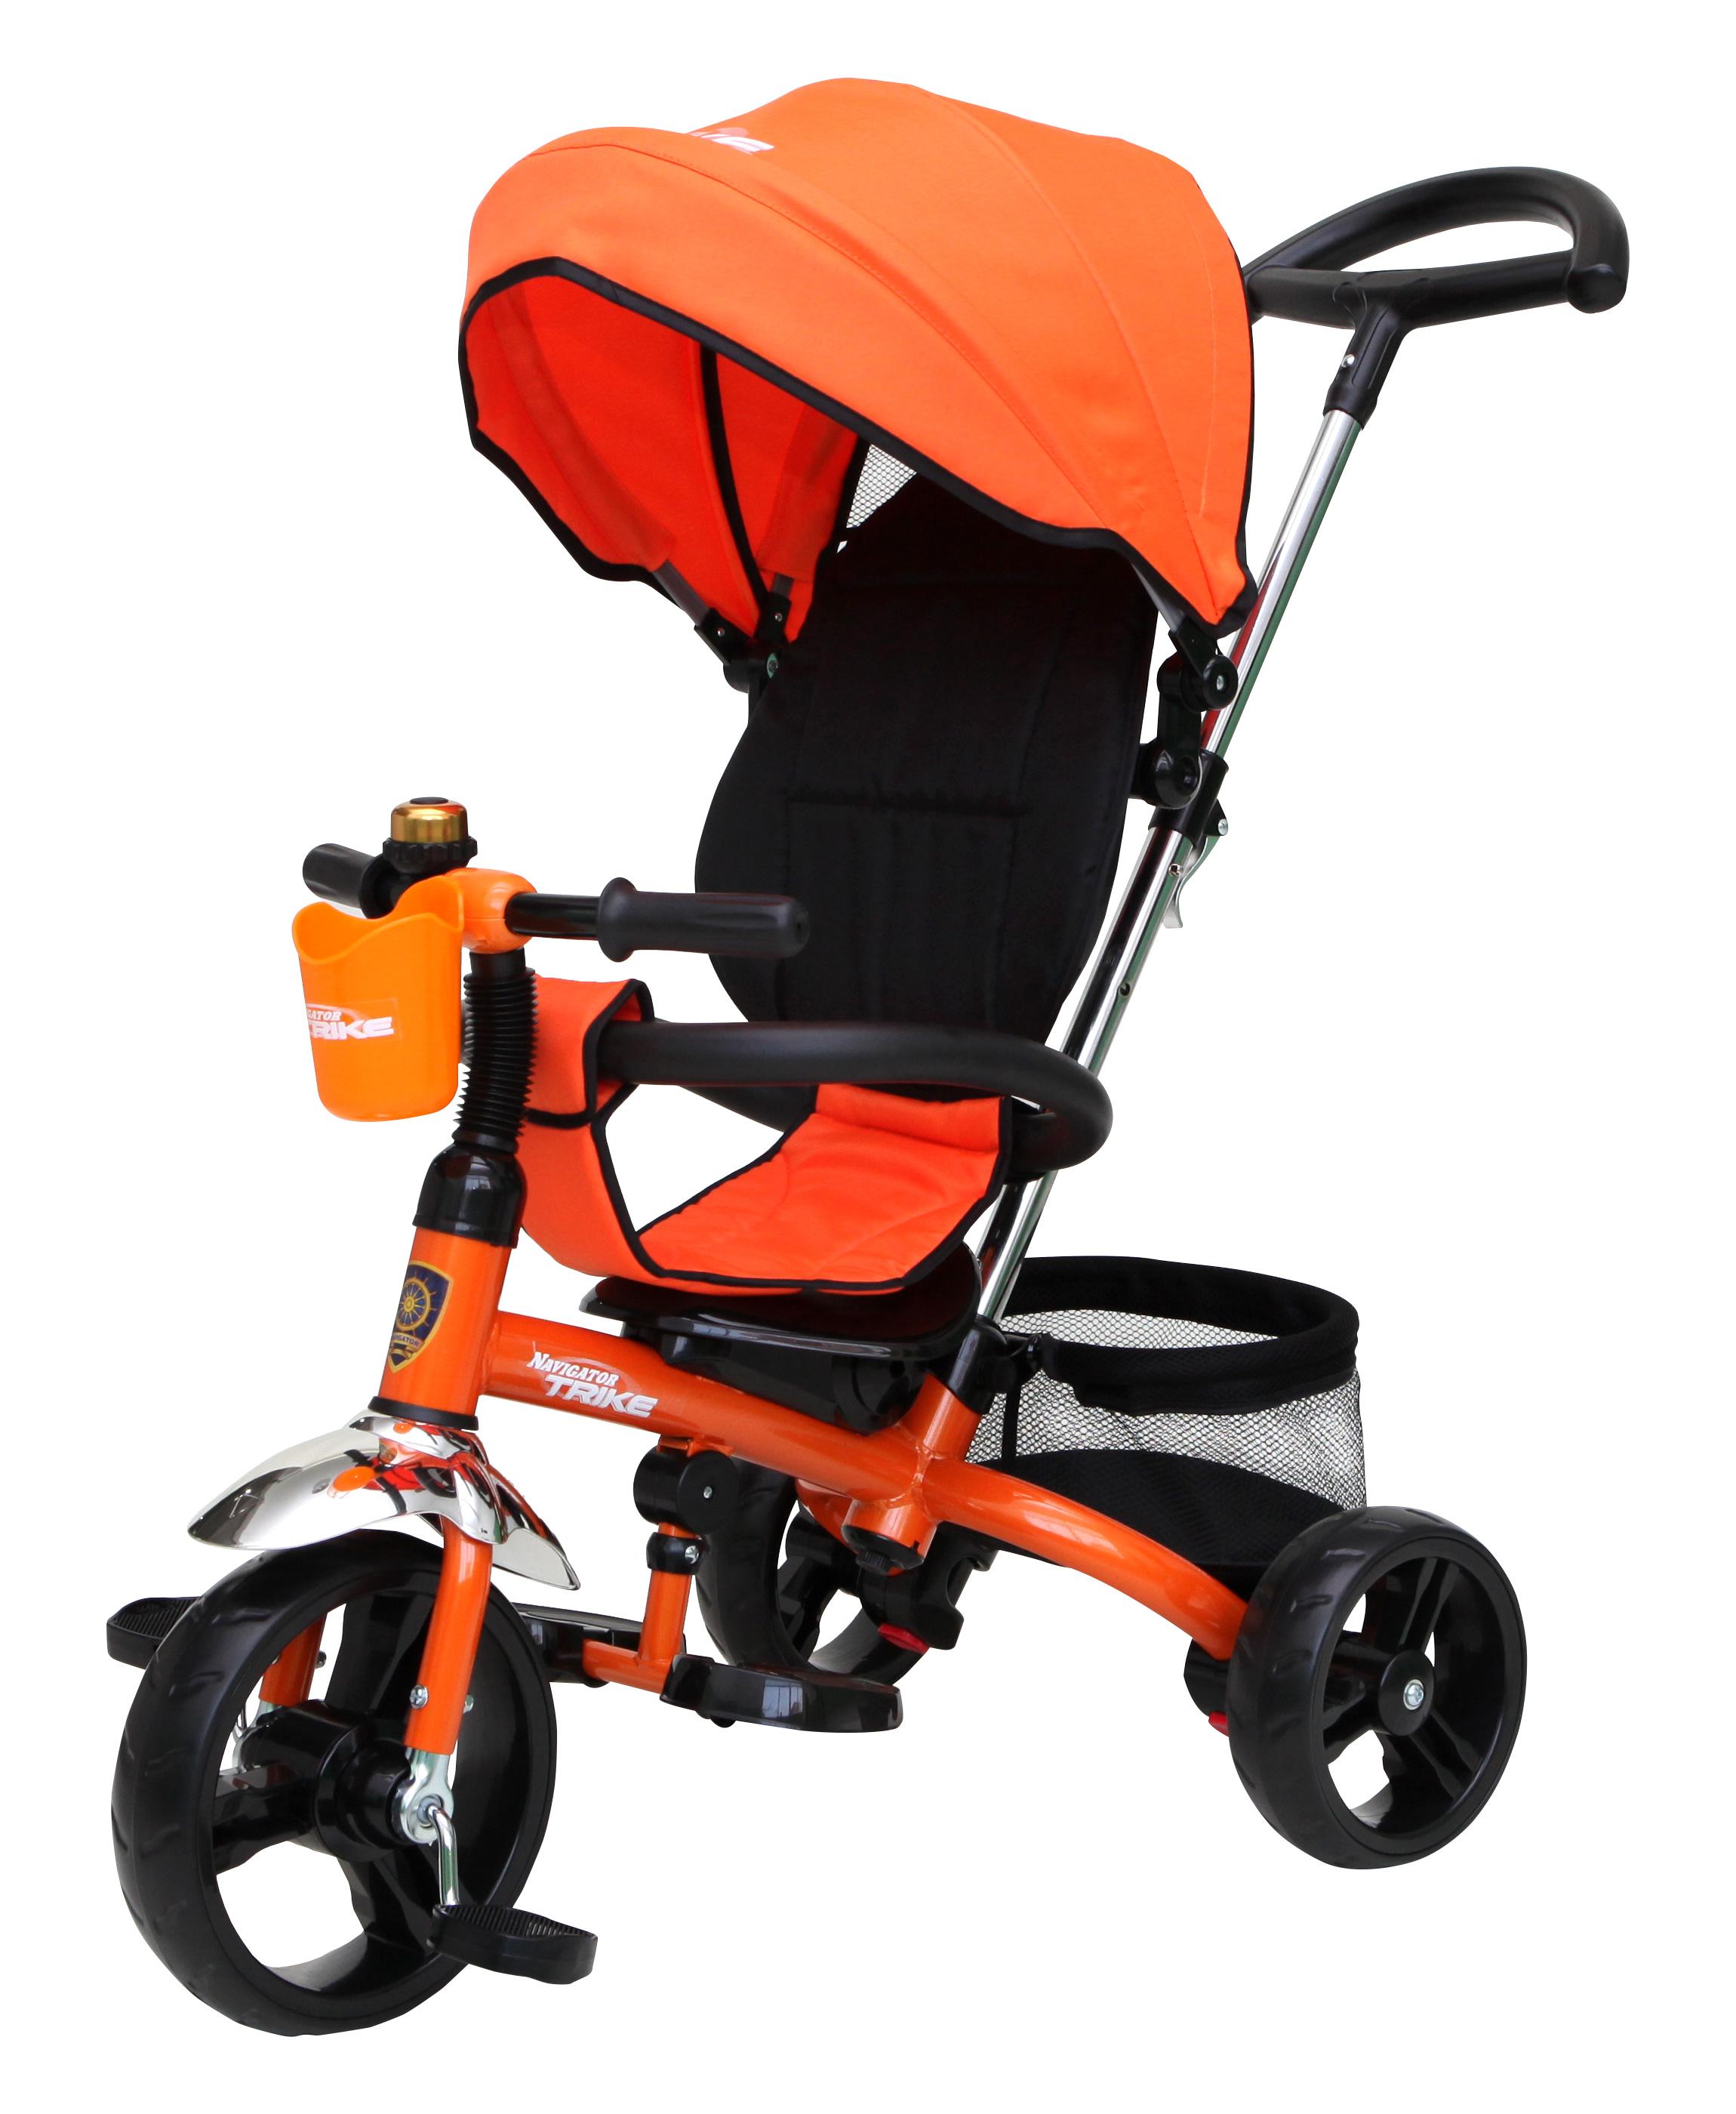 Navigator Трехколесный велосипед Lexus цвет черный оранжевый navigator самокат двуколесный цвет черный оранжевый